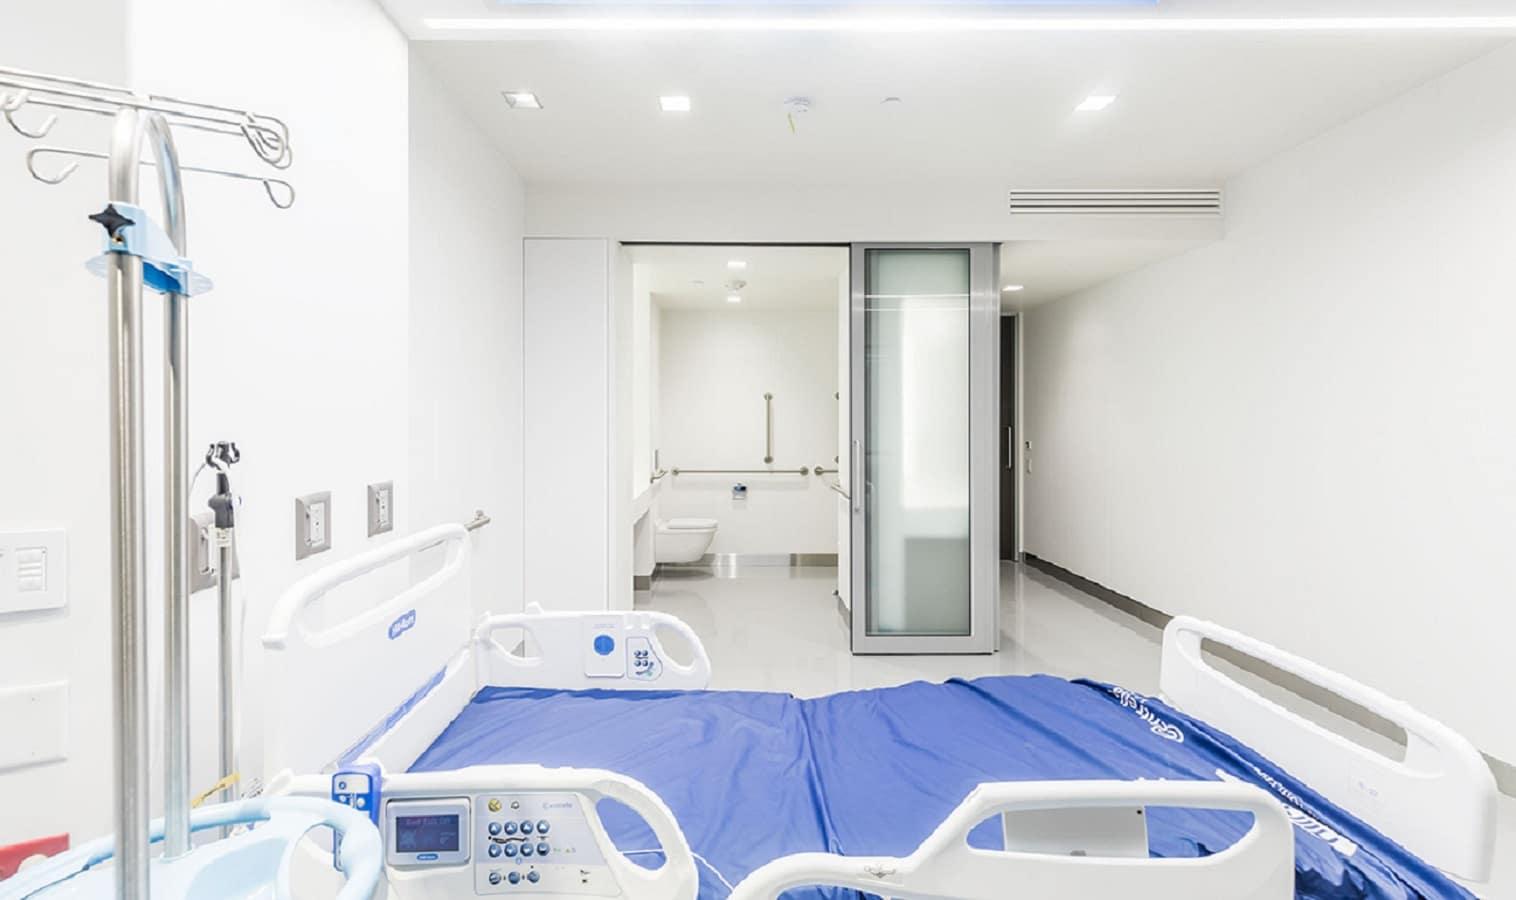 eir healthcare medmodular hospital room